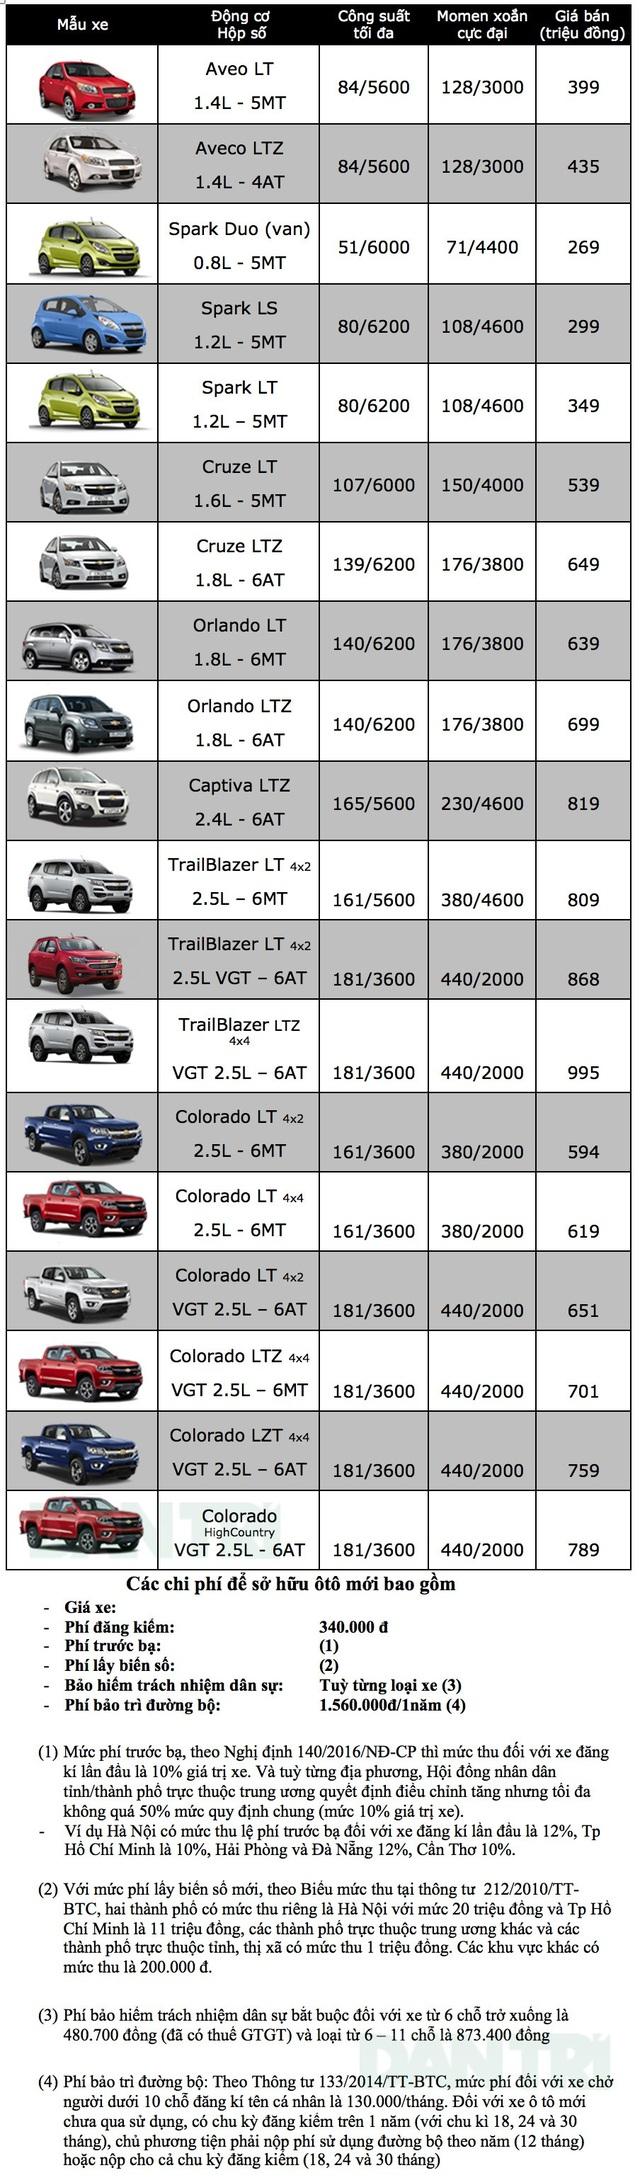 Sau thông tin về tay VinFast, GM Việt Nam giảm giá nhiều mẫu xe - 2